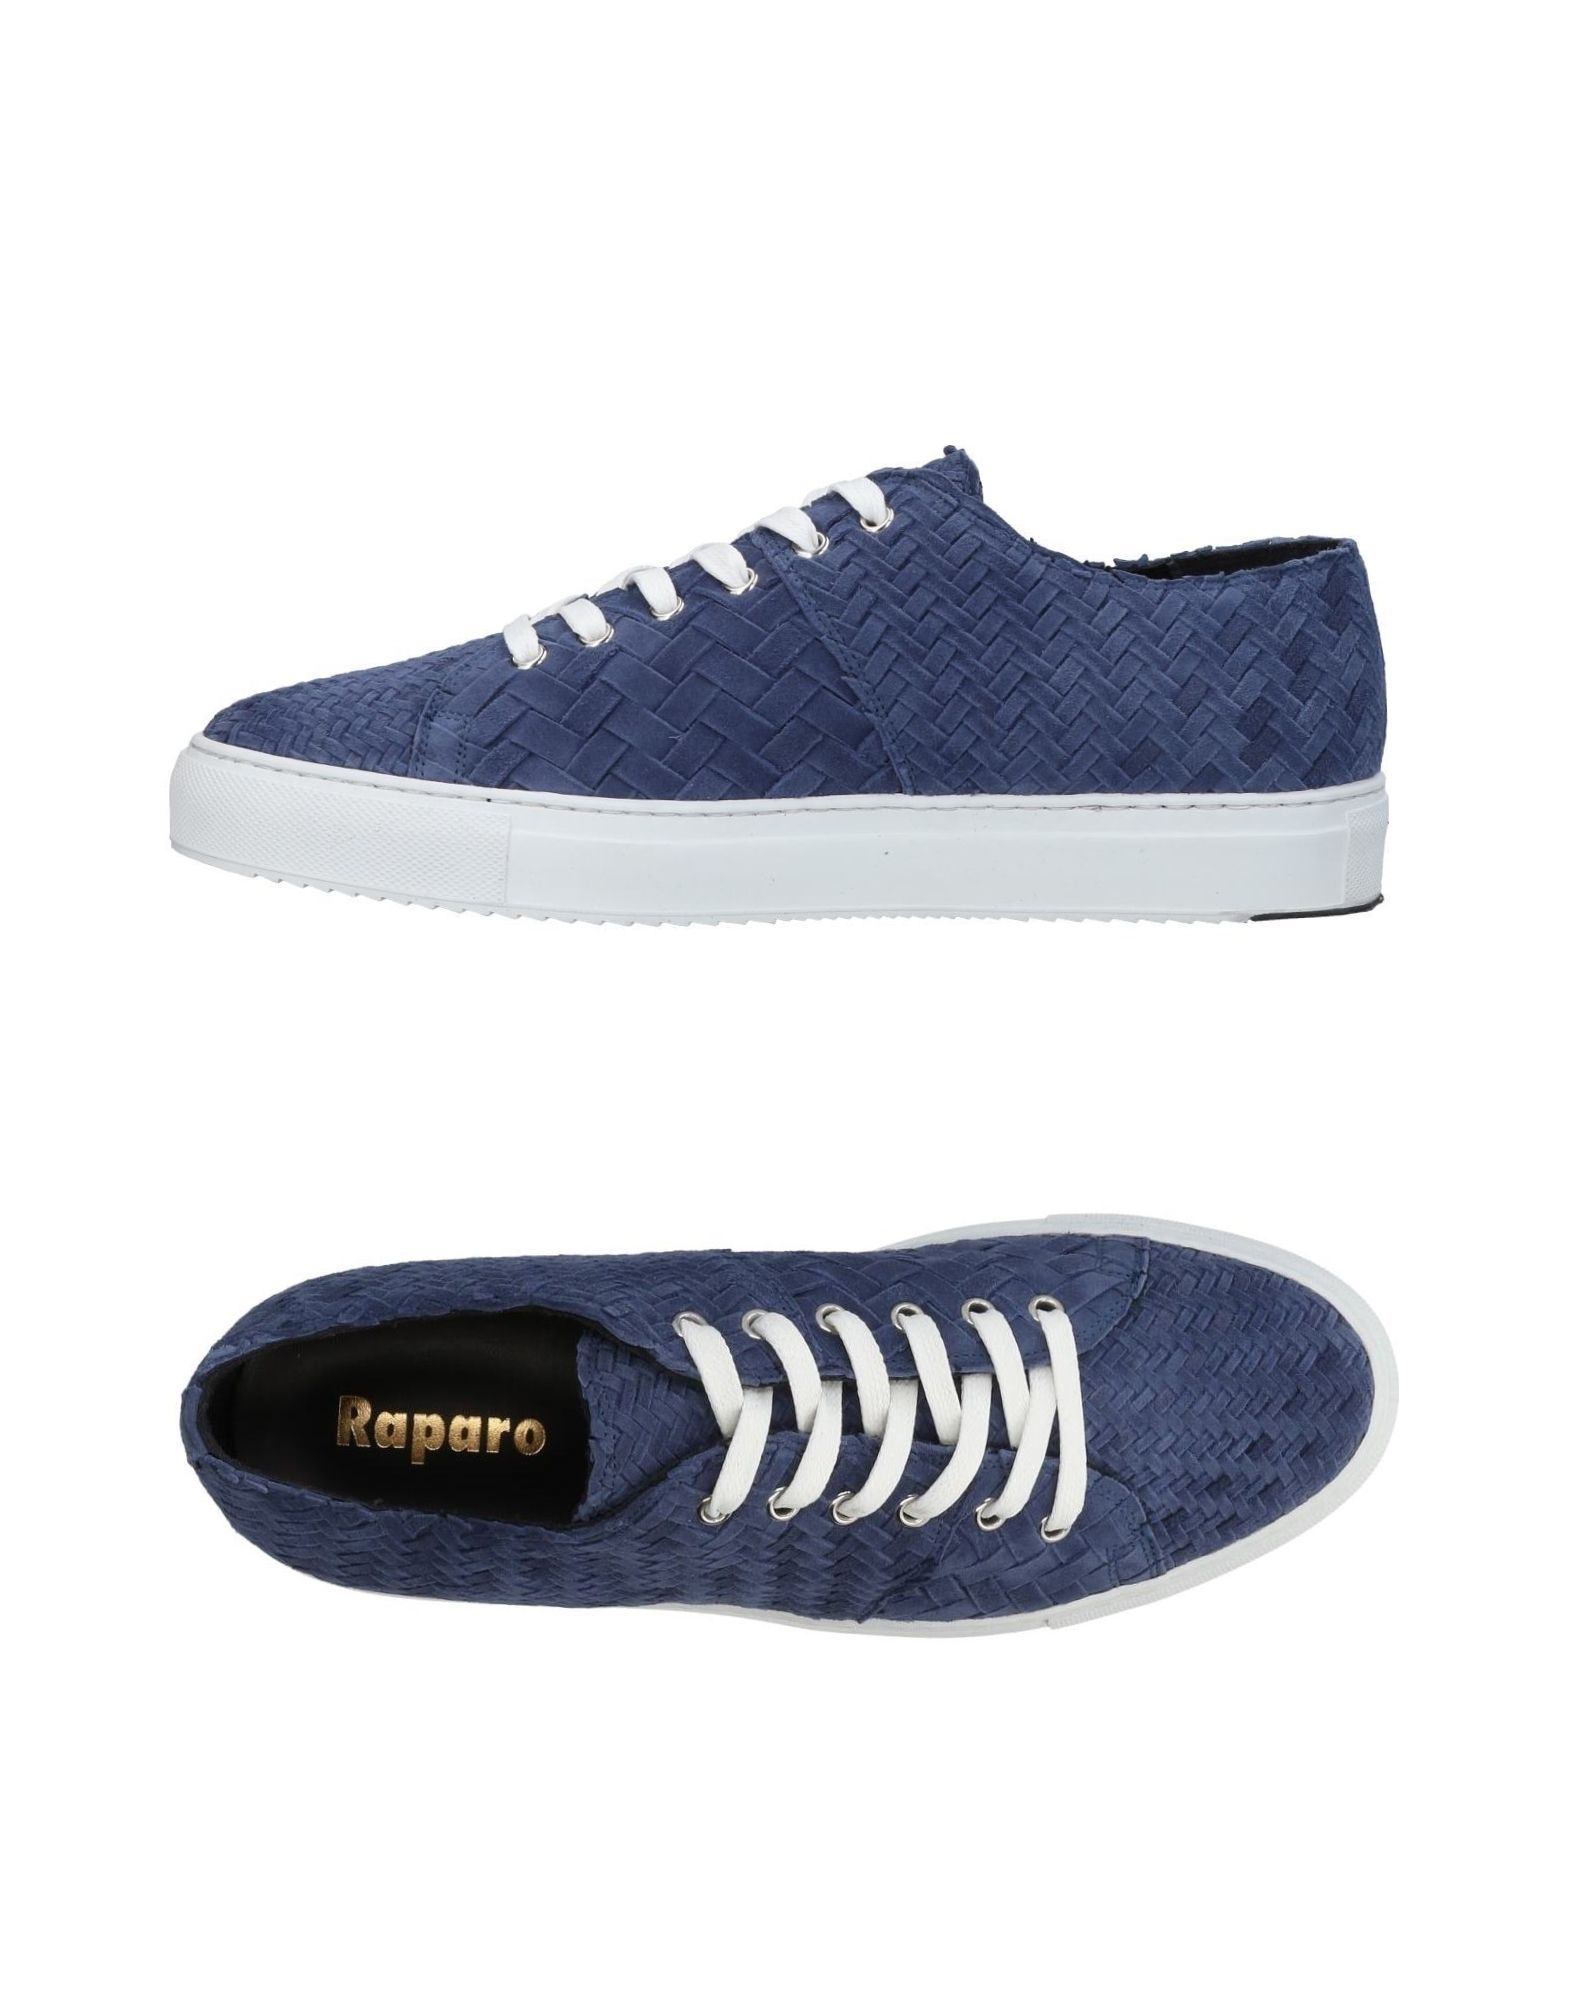 Moda Sneakers Raparo Uomo - 11419587EM 11419587EM - a2e738